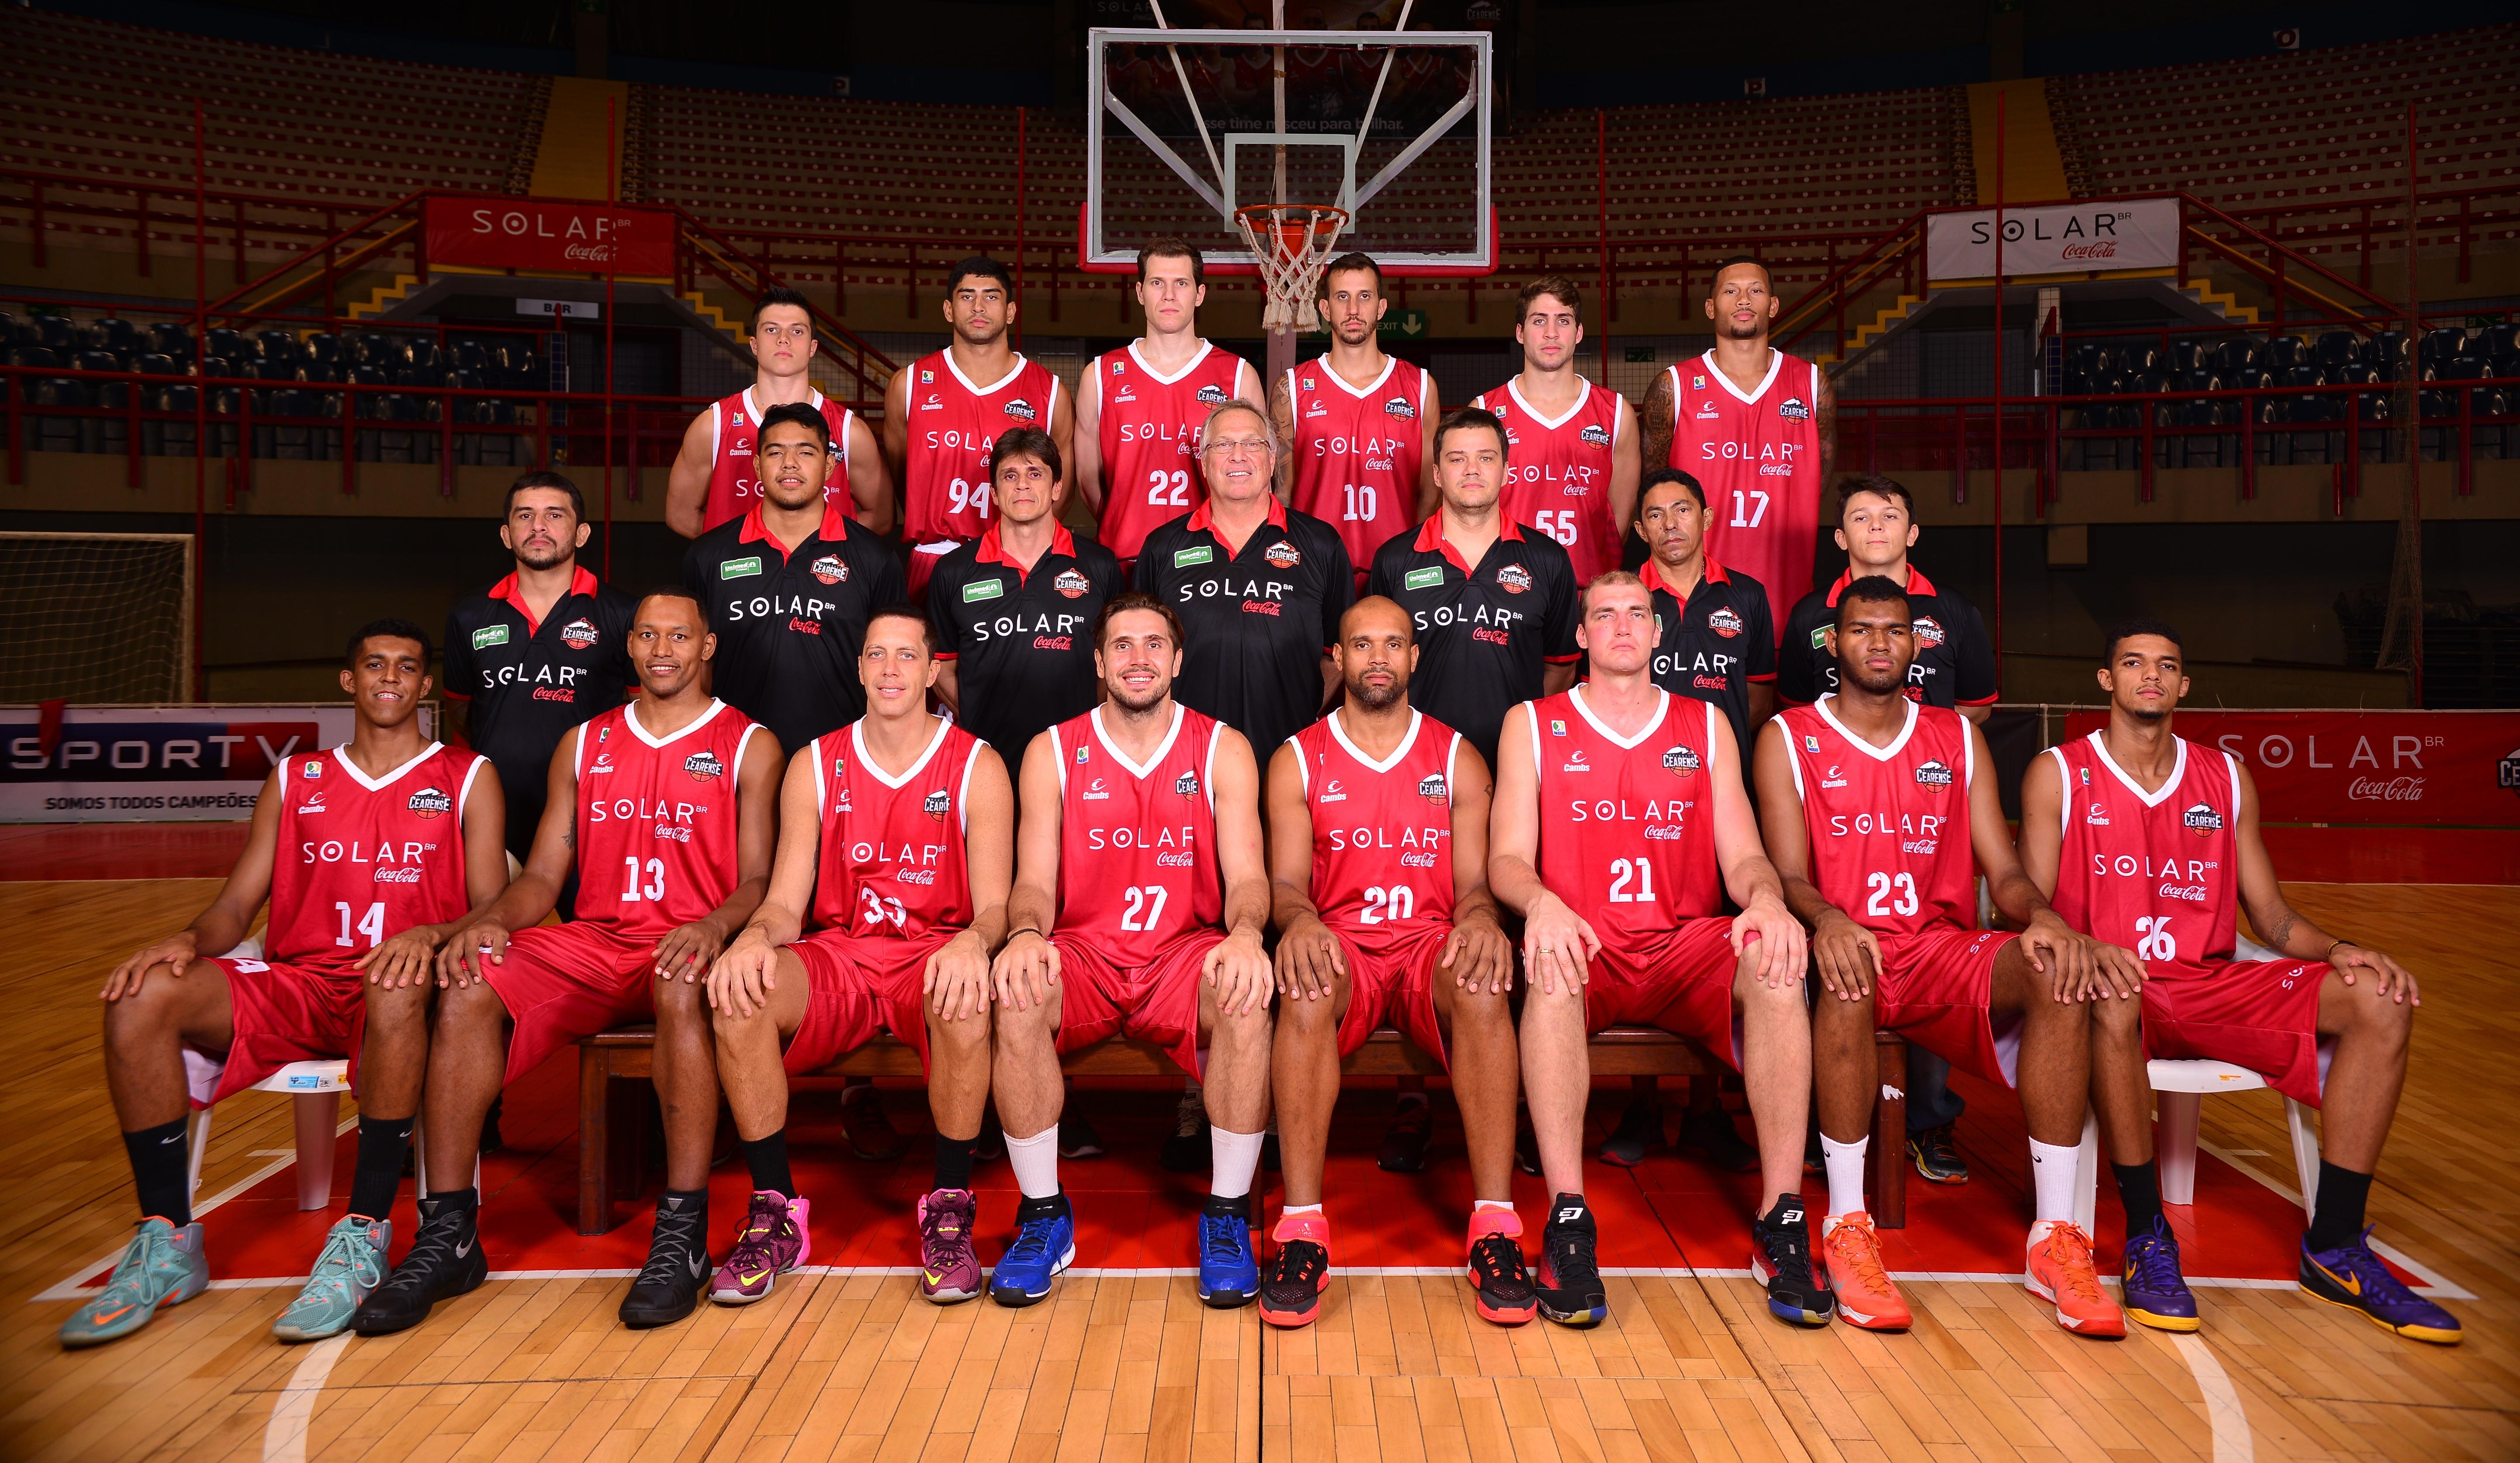 Equipe do Basquete Cearense para a temporada 2015/2016